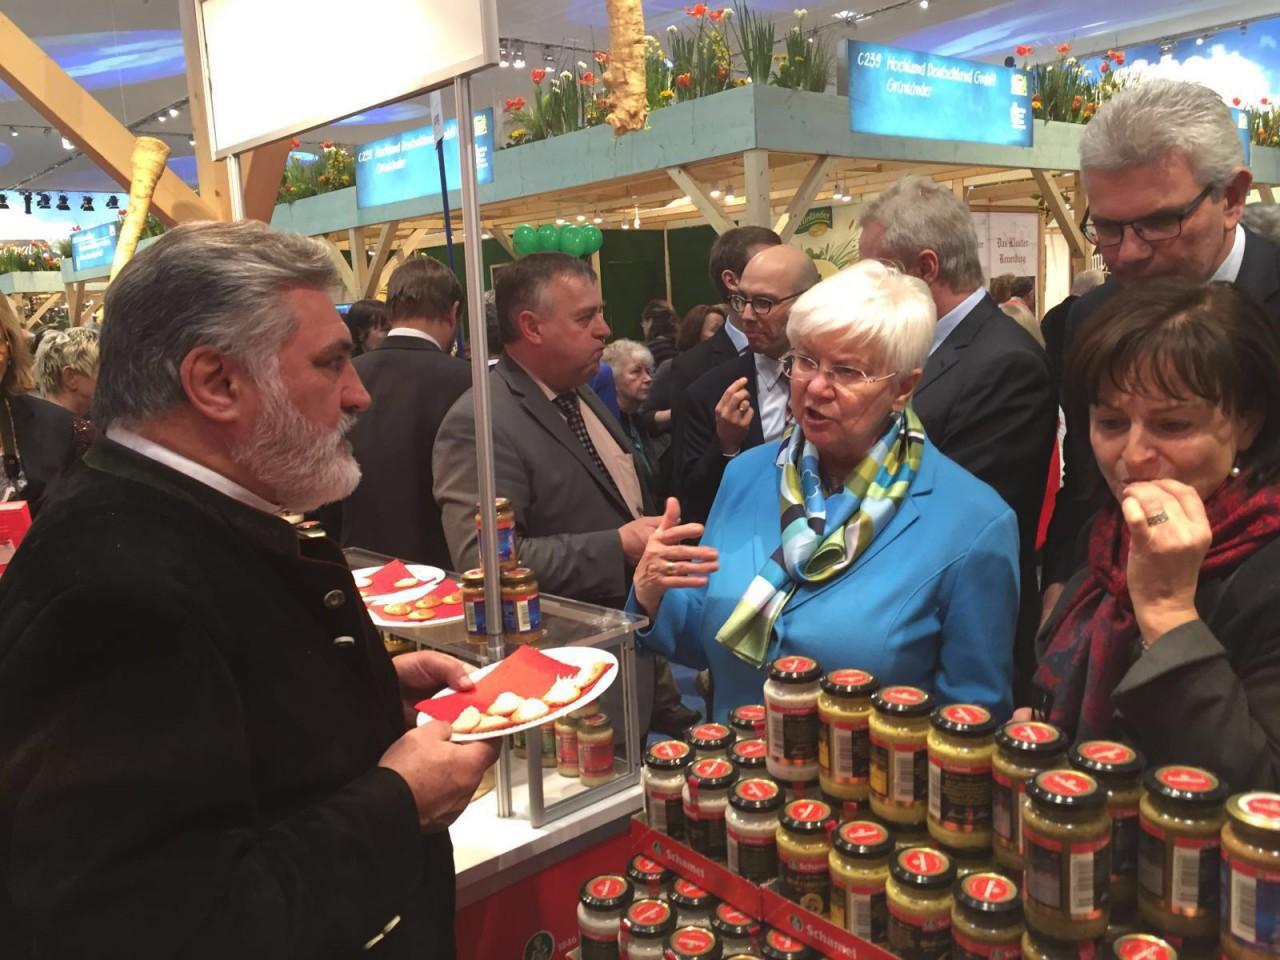 Gerda Hasselfeldt, Vorsitzende der CSU-Landesgruppe im Deutschen Bundestag, im Gespräch mit Hanns-Thomas Schamel.